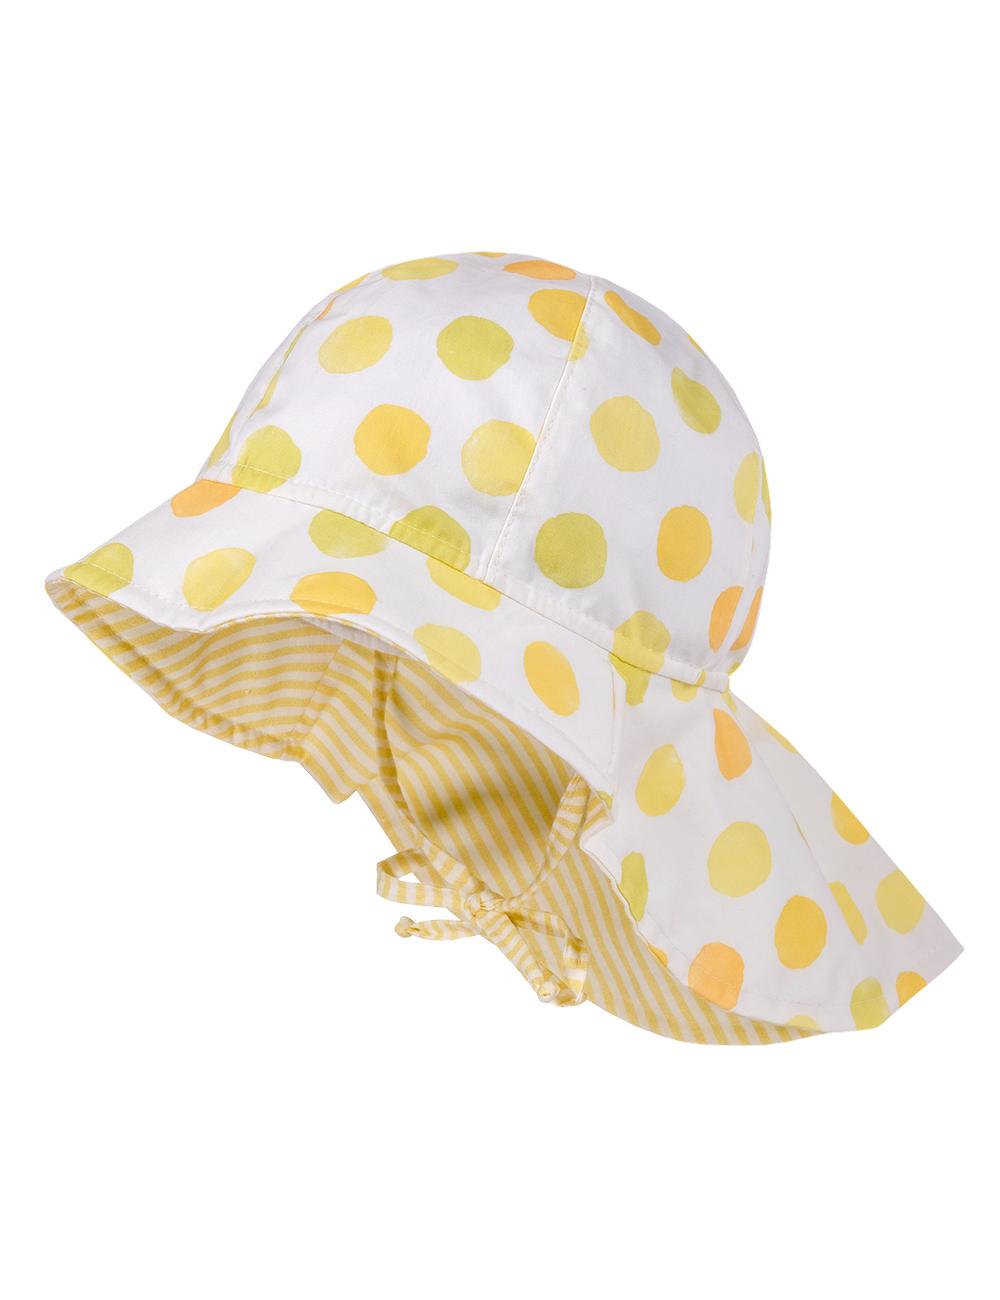 GIRL-Flapper,Nackenschutz 51 Maximo. Farbe: wollweiß-gelb-punkte/narzisse, Größe: 51